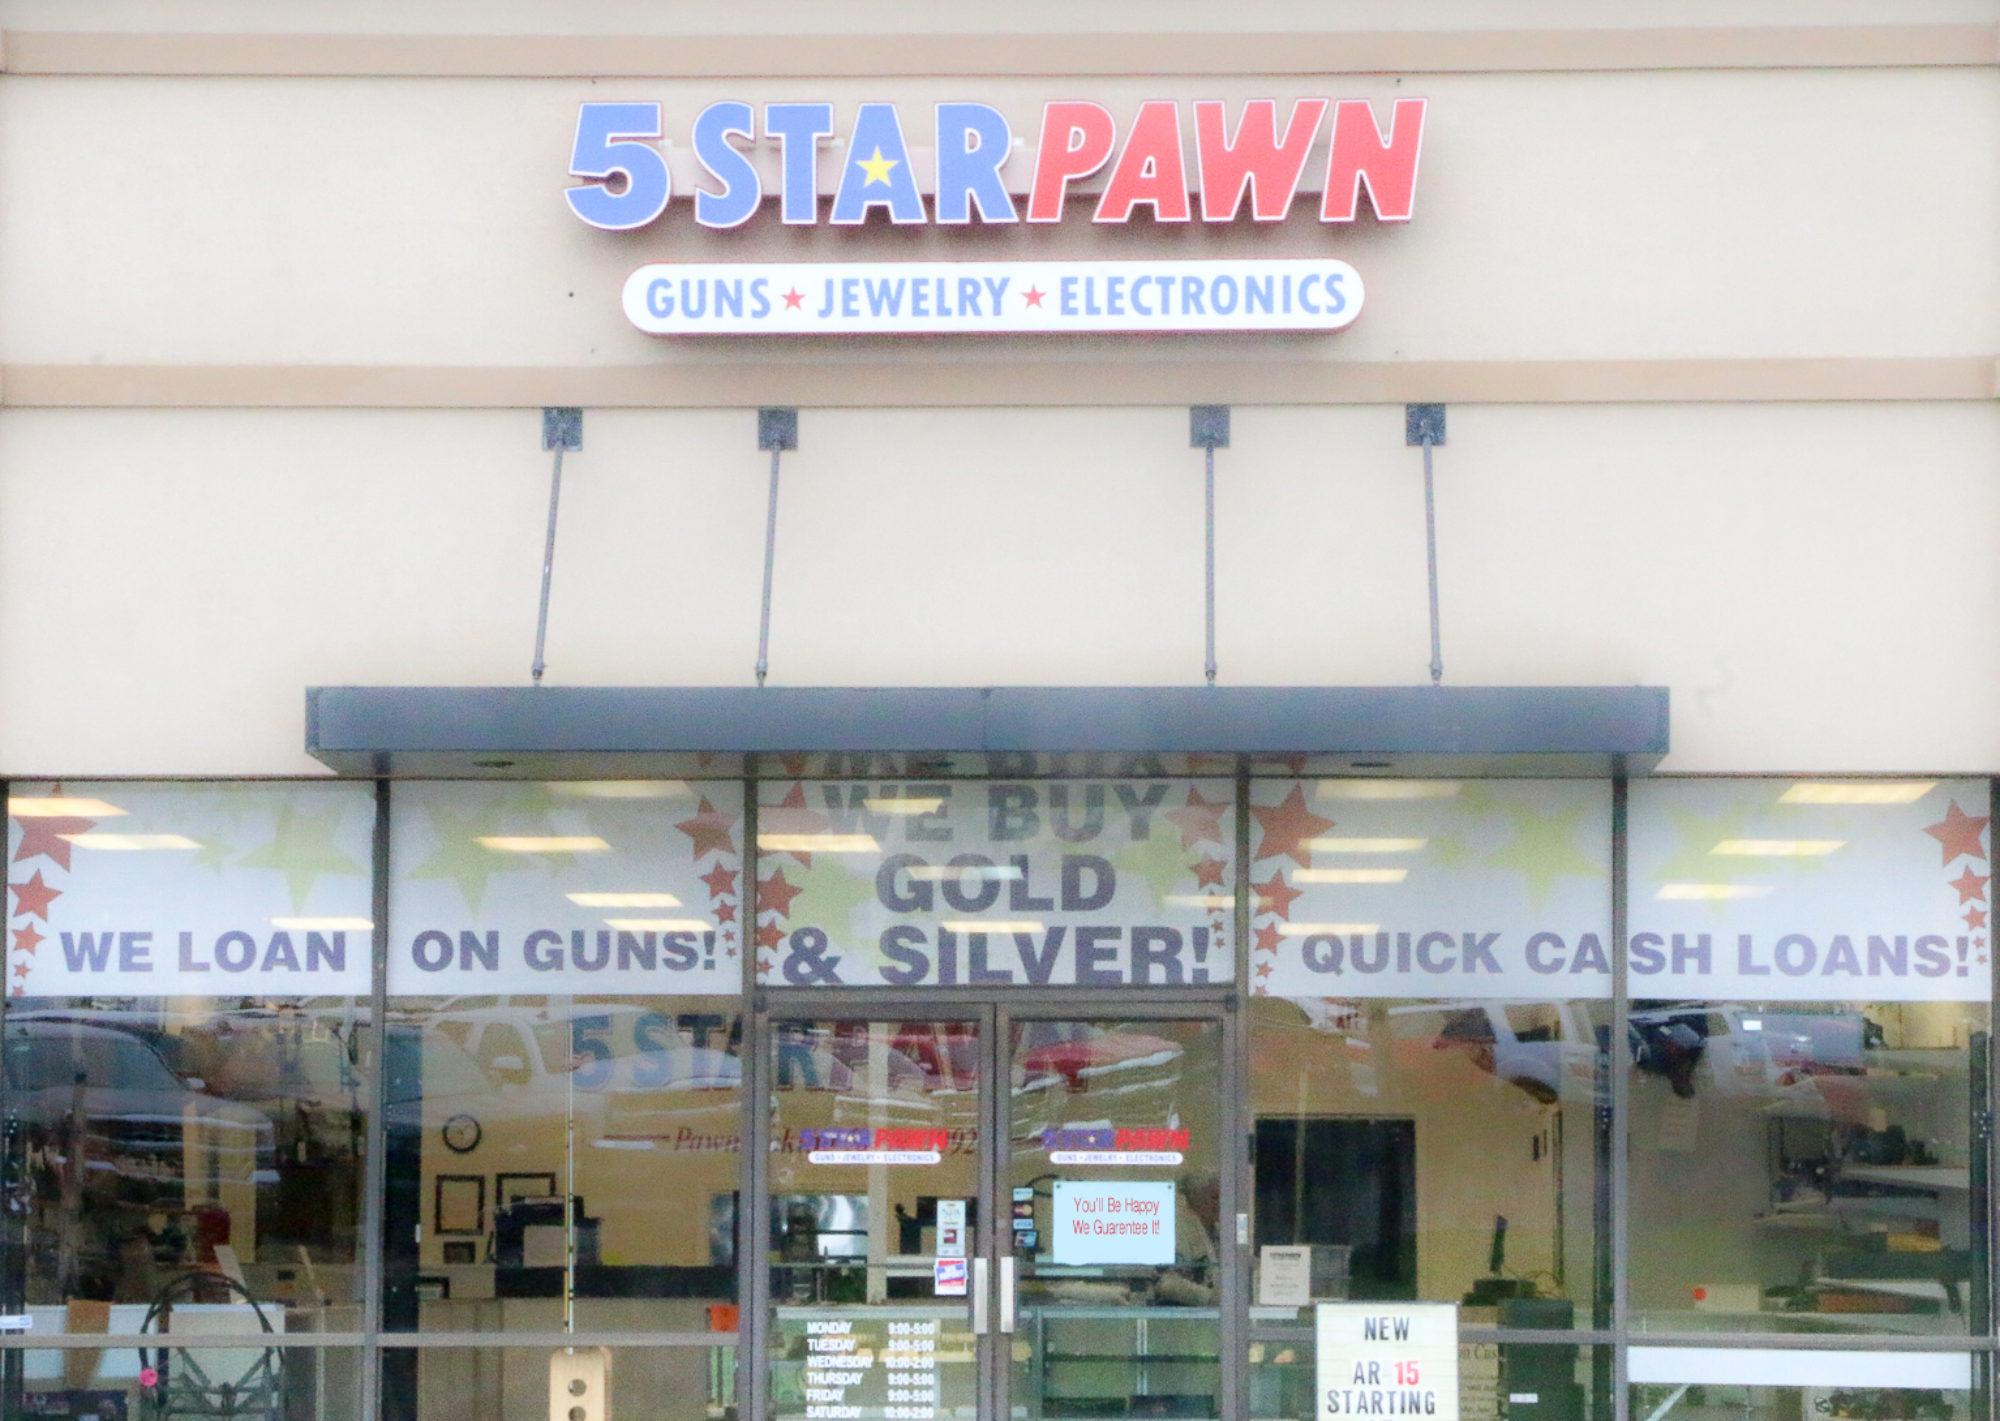 5 Star Pawn